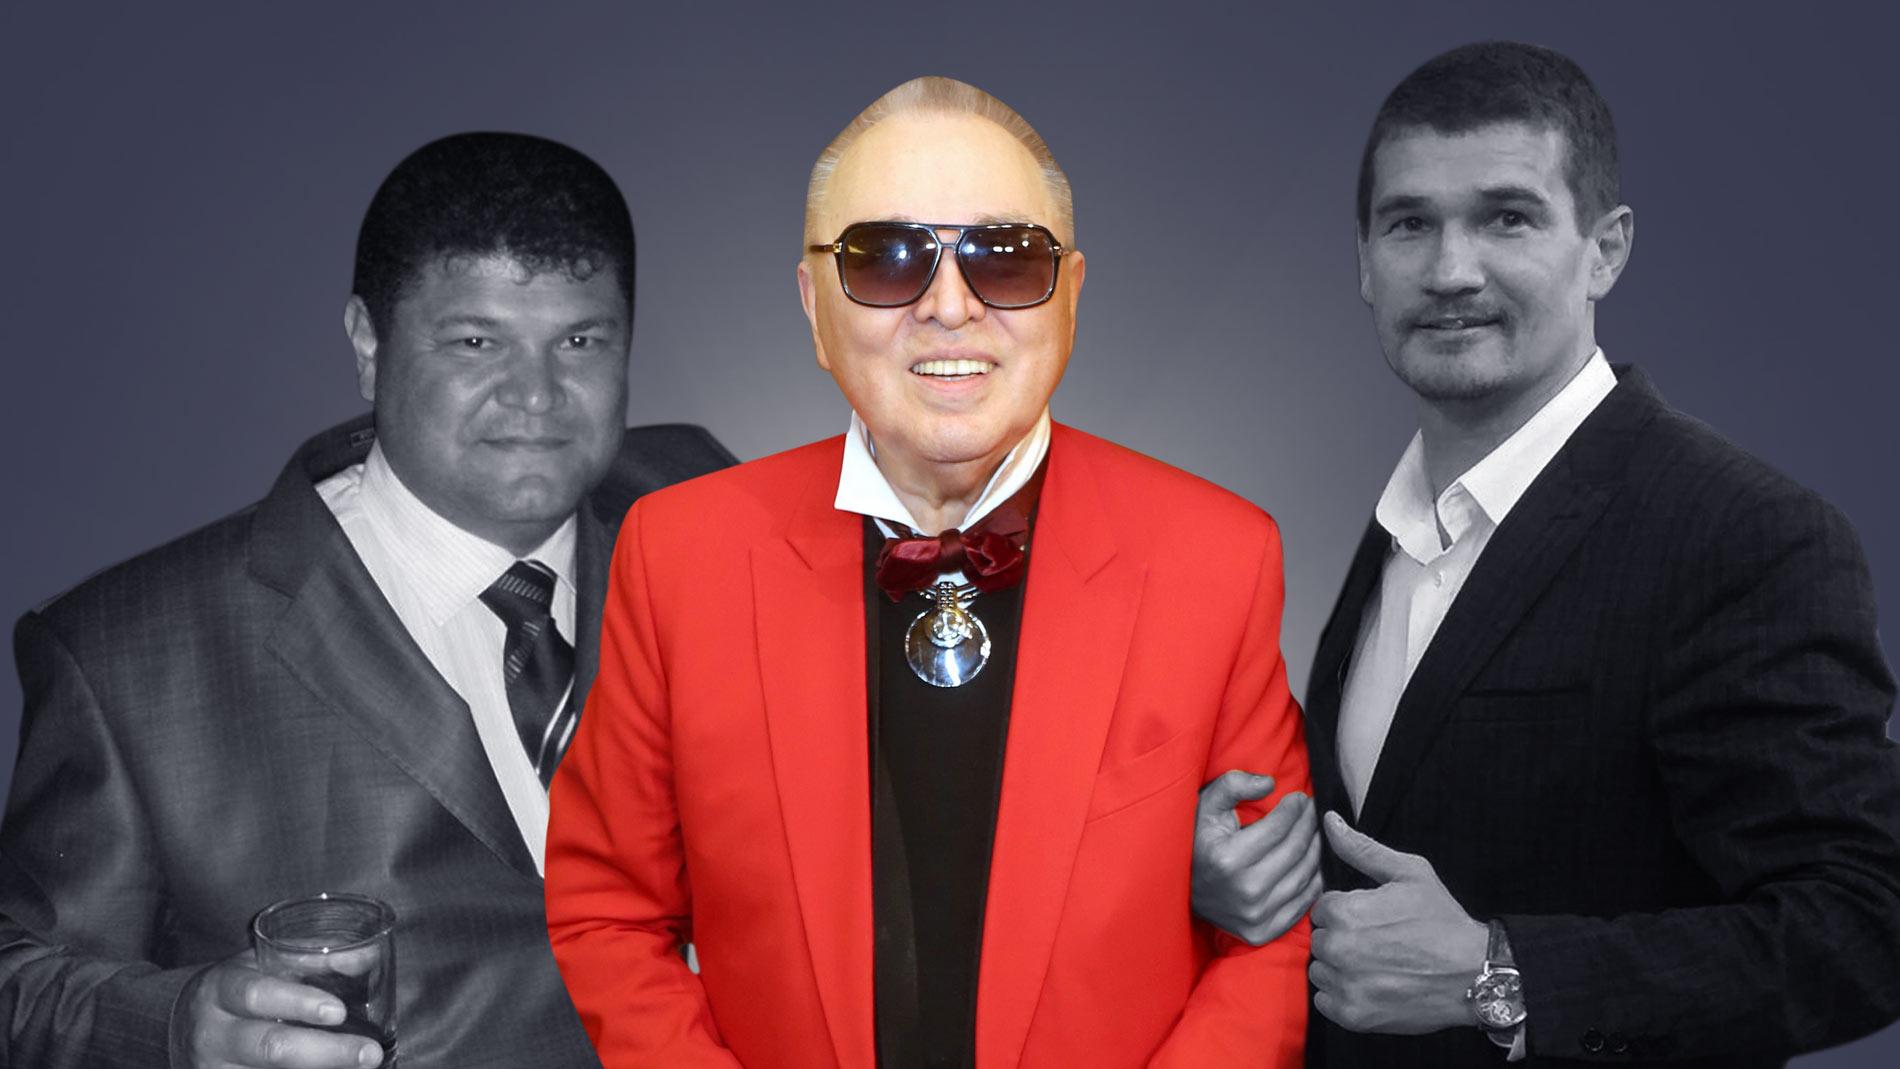 Специалисты по звёздным старикам: что скрывают братья Хусаиновы, устроившие скандальный день рождения модельера Славы Зайцева